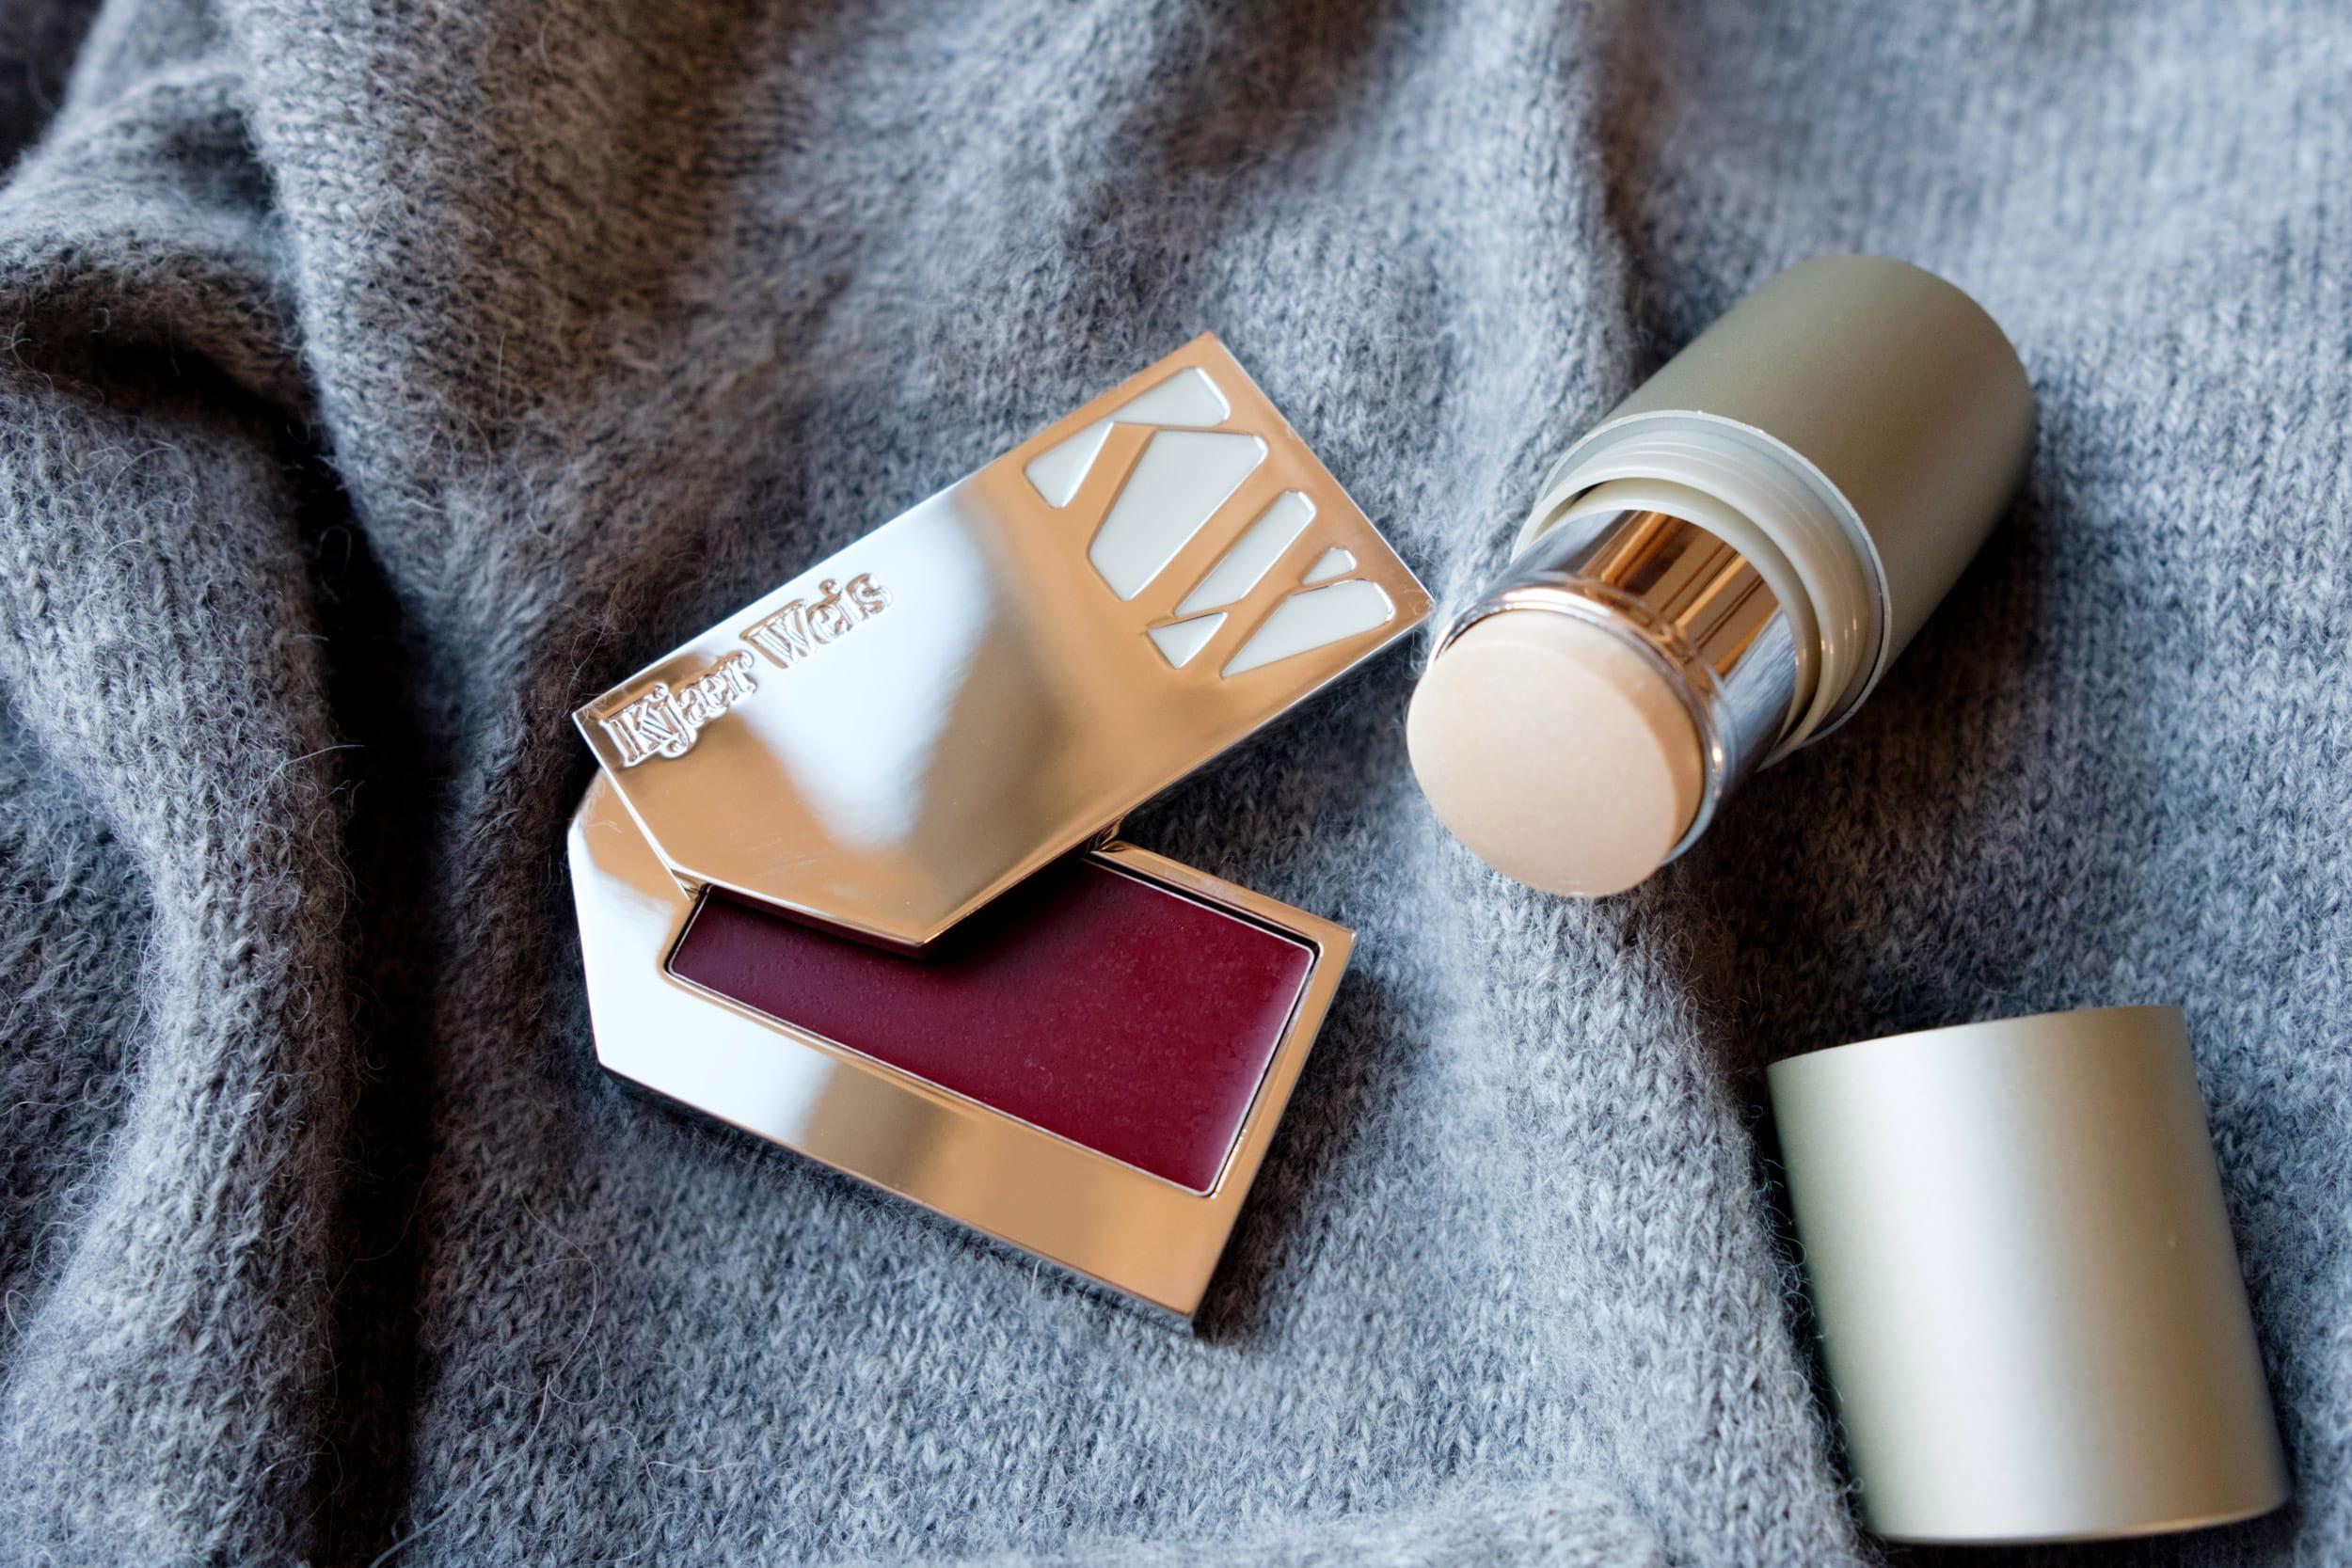 Meine Lieblinge im neuen Jahr | Schöne Dinge im Dezember und Januar | Naturkosmetik von HIRO Cosmetics und Kjaer Weis | Lip Tint und Highlighter | Mehr auf ivy.li